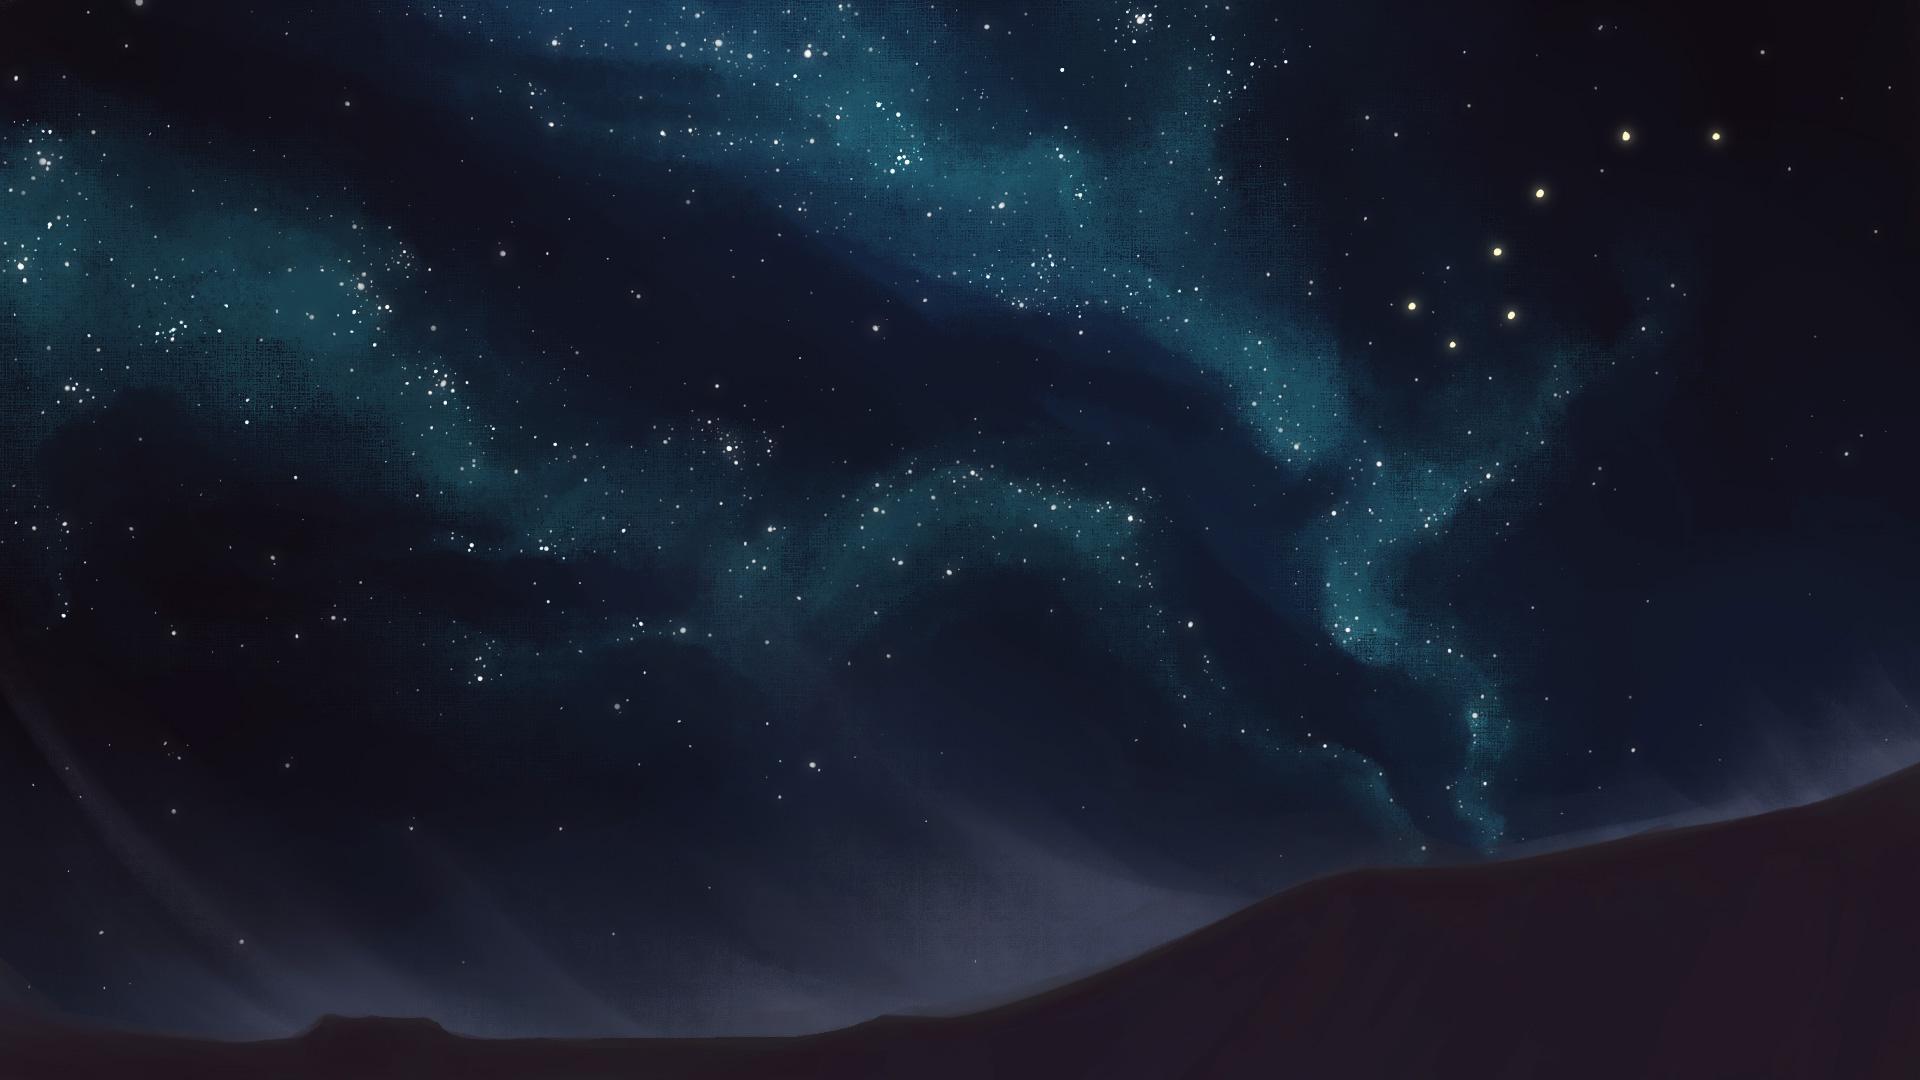 Desert sky concept by Lysandra Nelson.